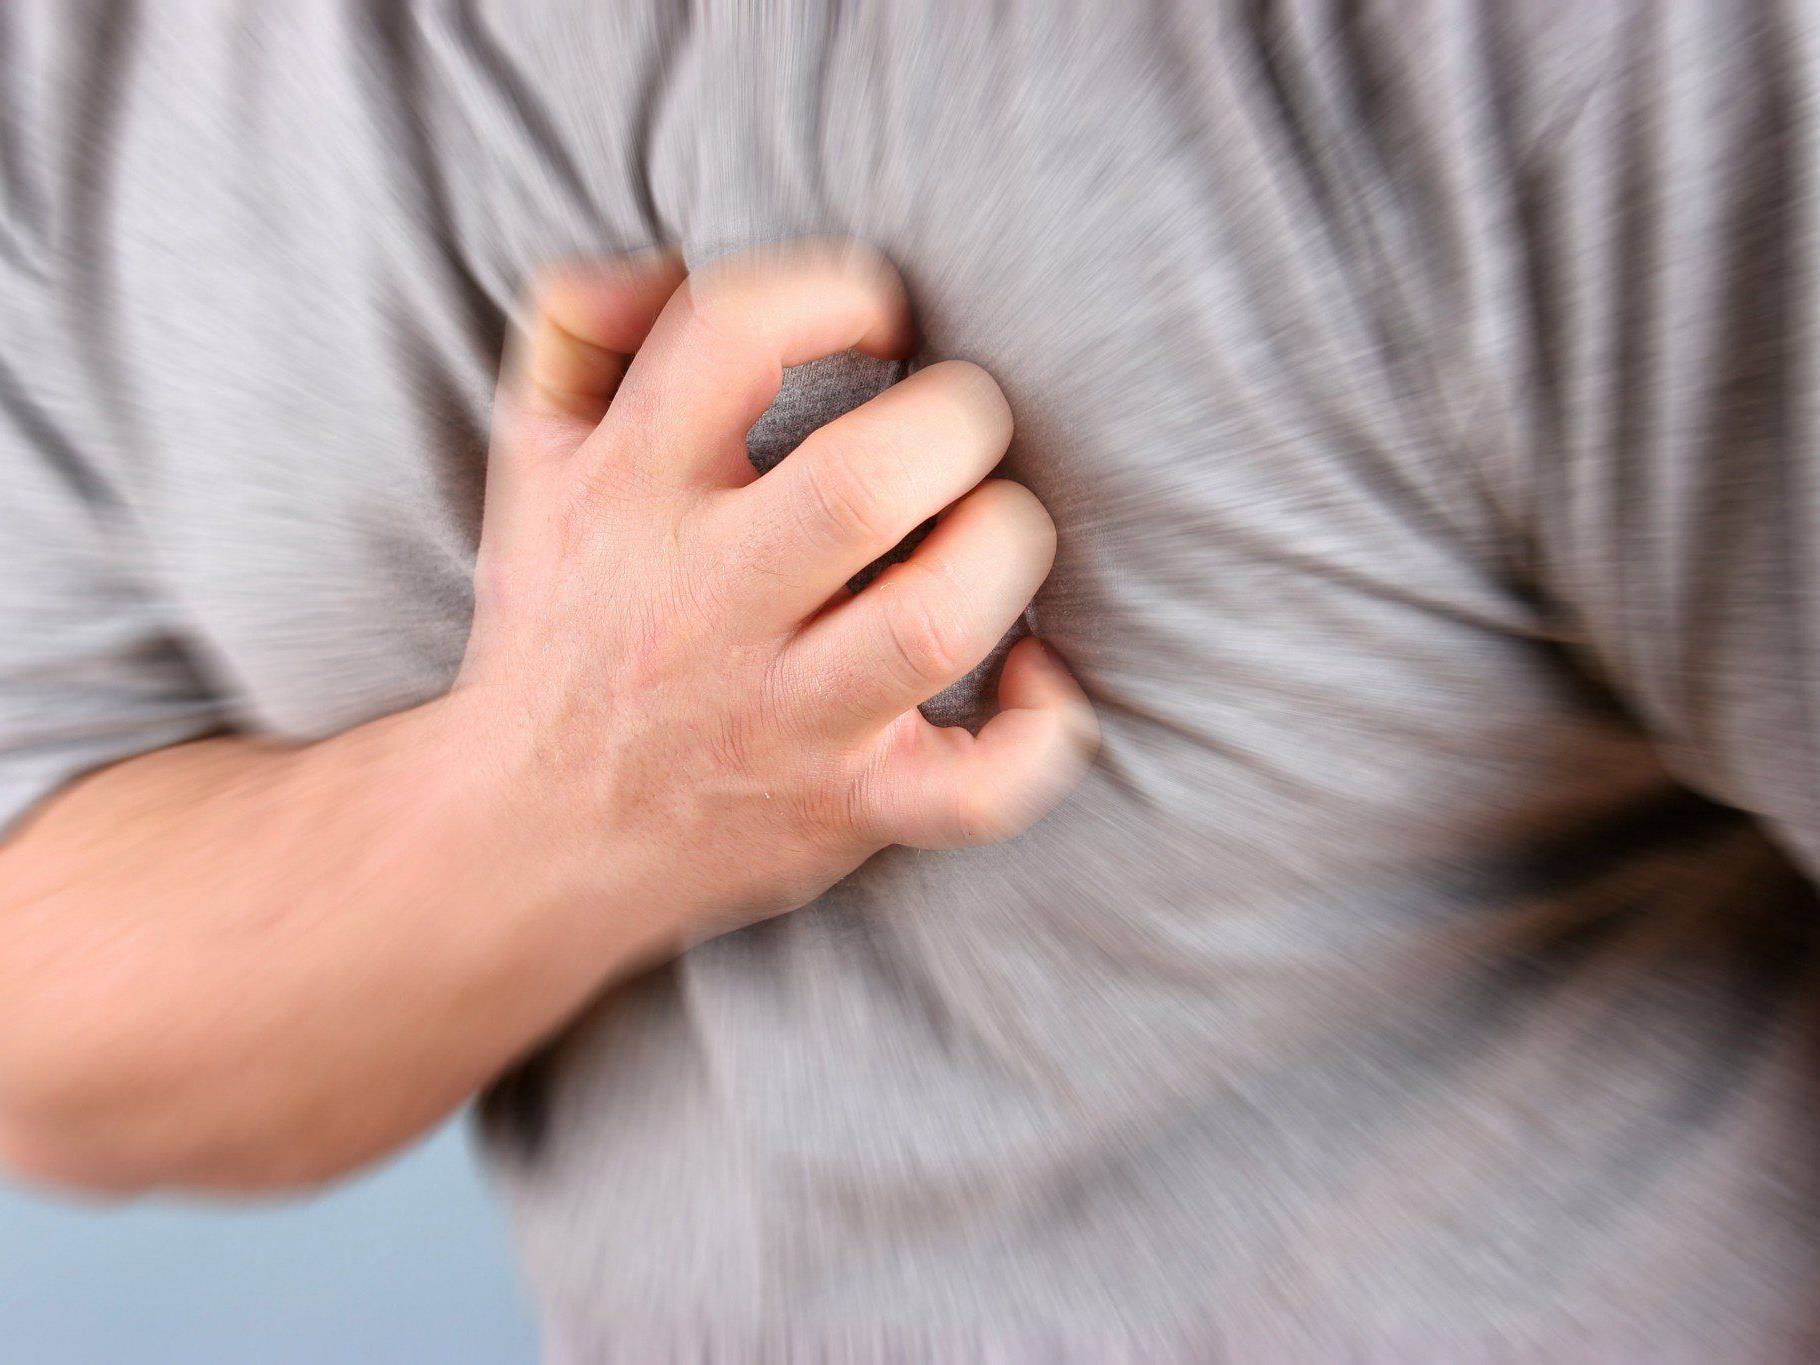 Die Erektionsstörungen seien nicht der Auslöser der Herzkrankheiten.